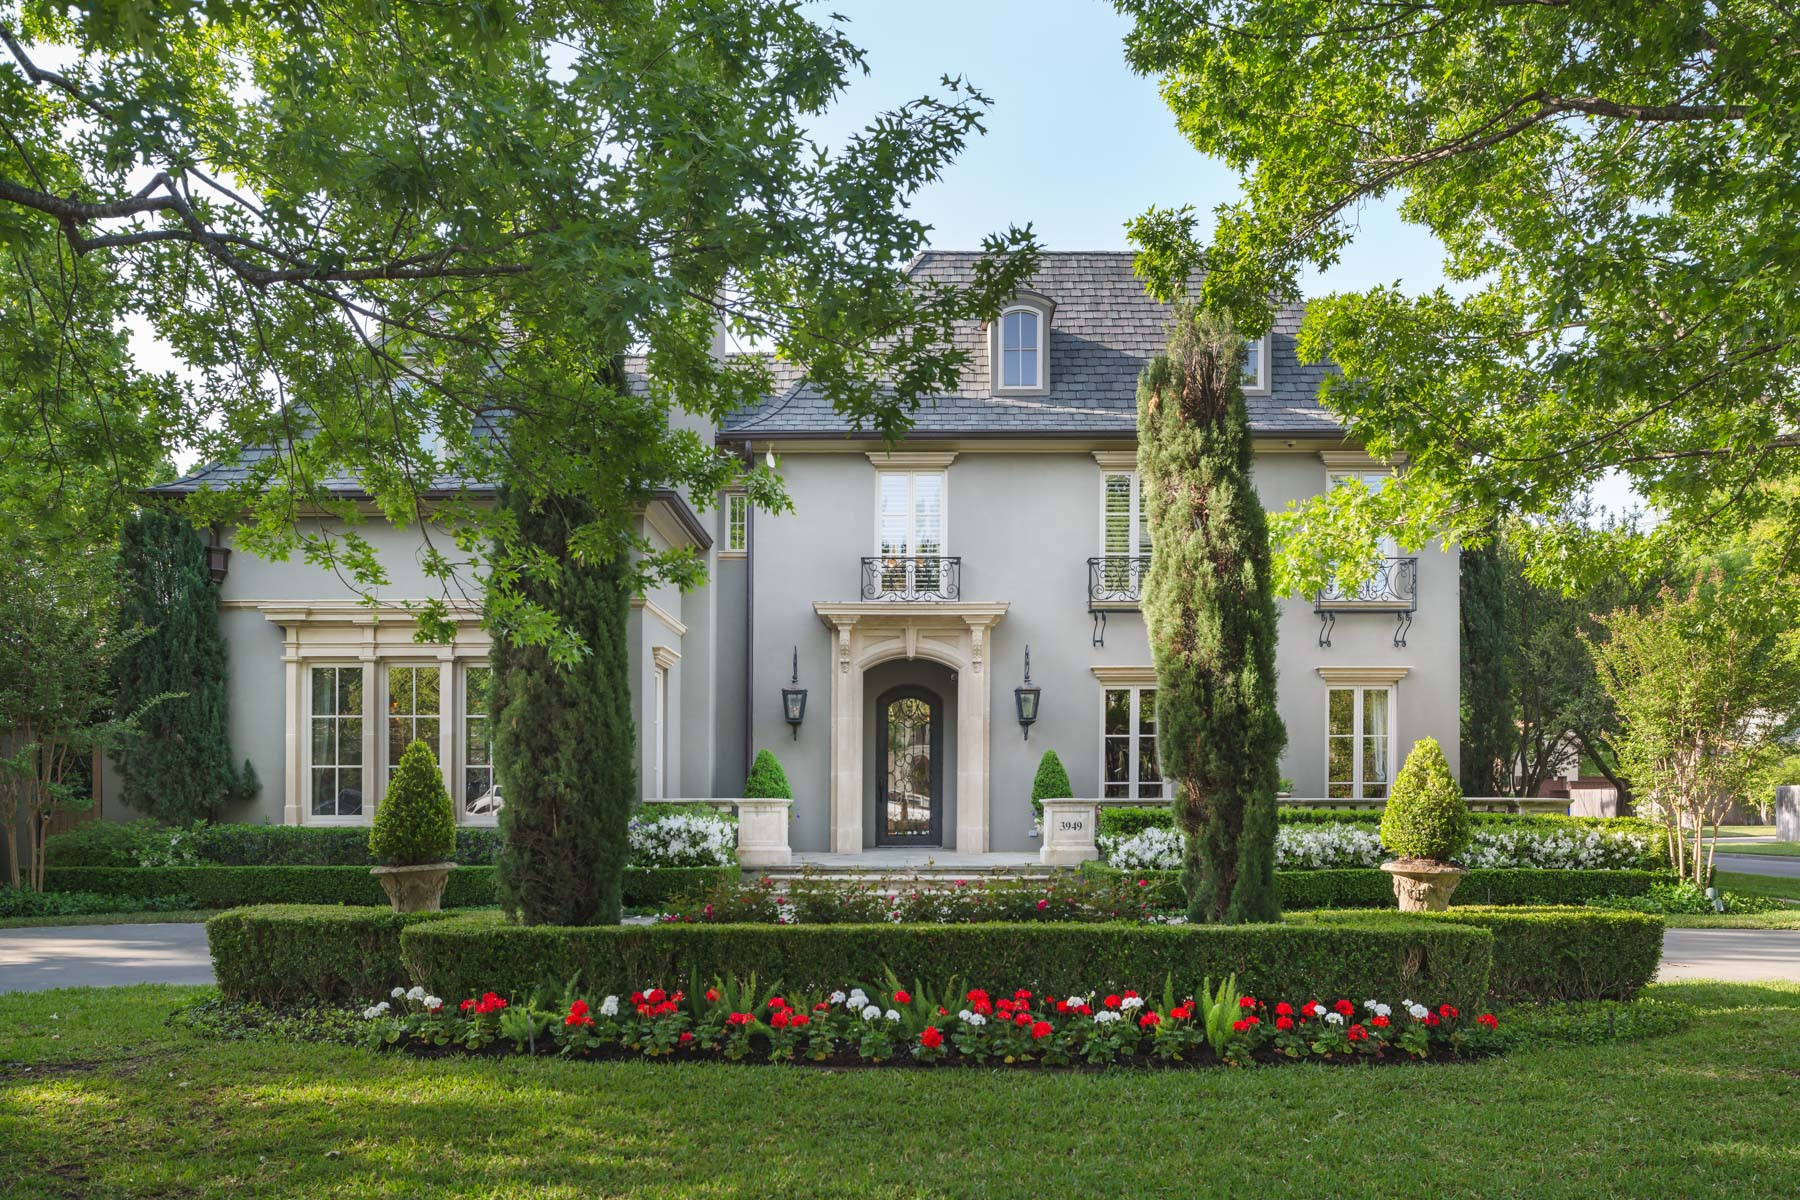 Maison unifamiliale pour l Vente à Classic University Park Home 3949 Marquette St Dallas, Texas, 75225 États-Unis